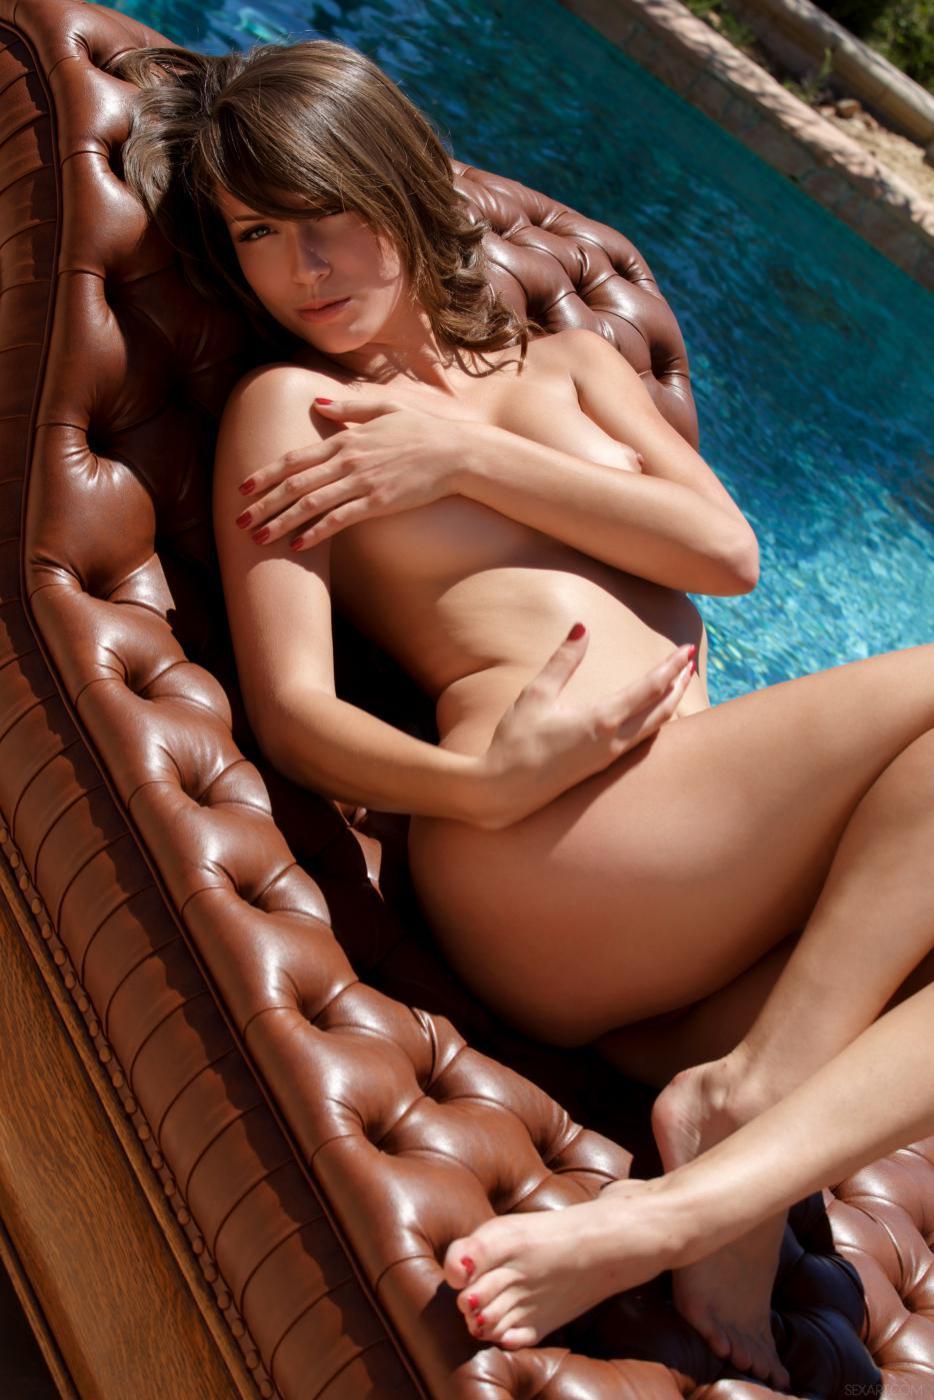 Негодная детка Malena Morgan такая дразнилка, с ее-то красивым телом и невероятными навыками мастурбации